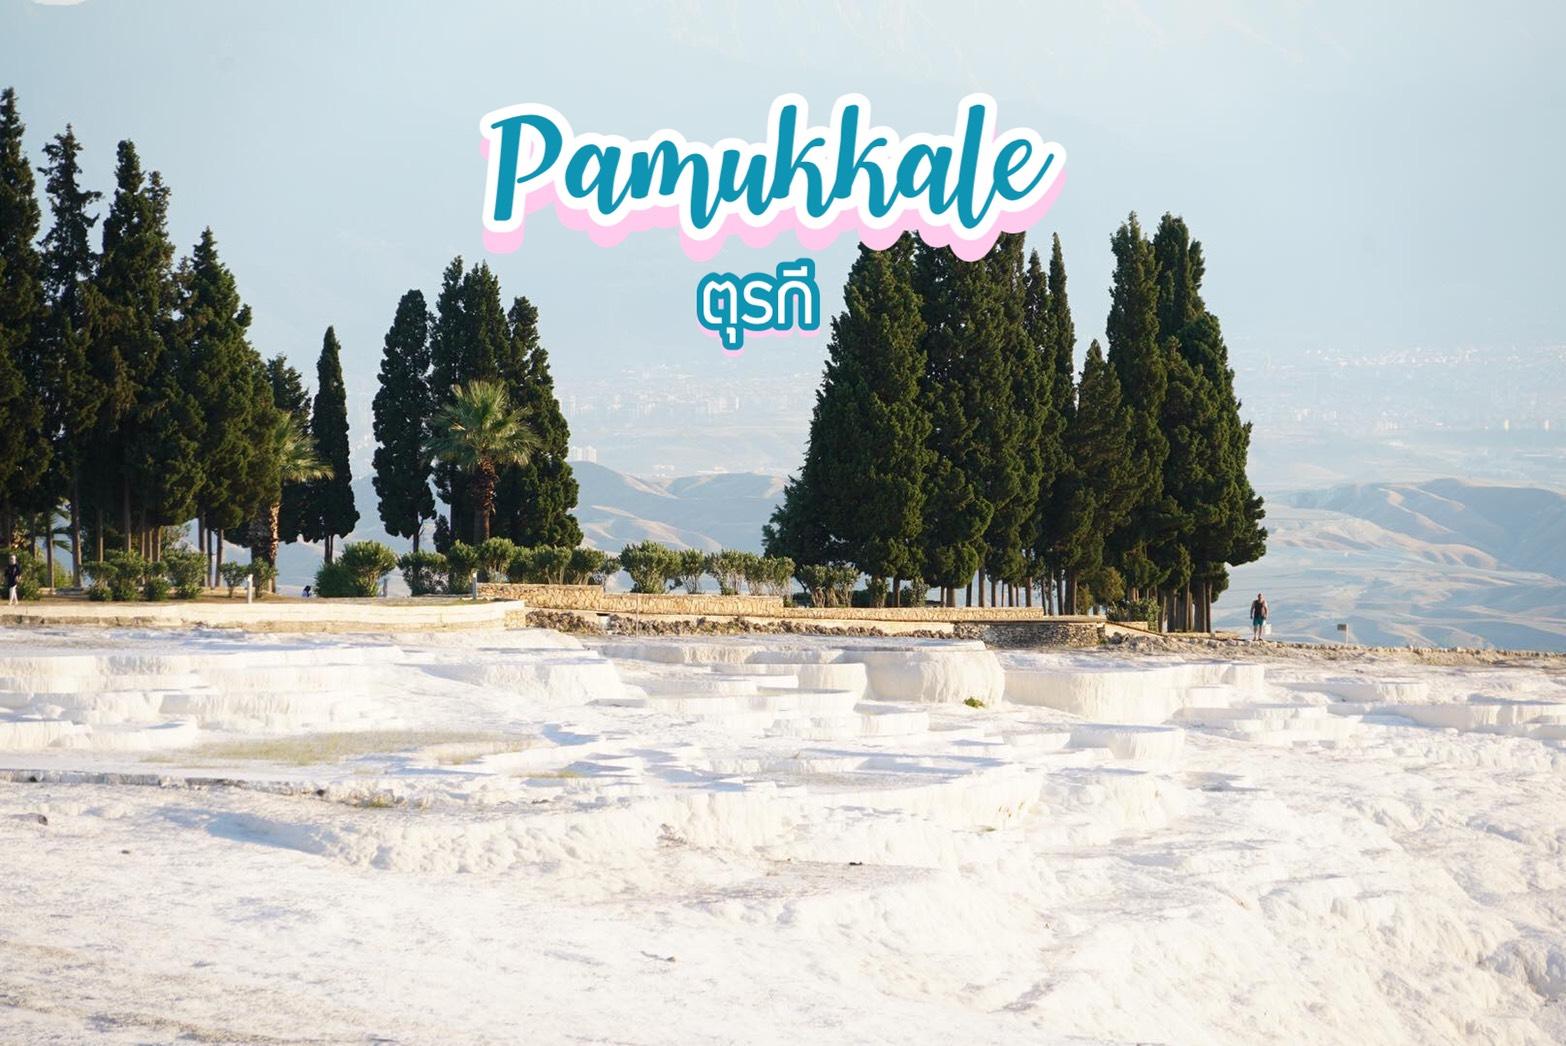 ปราสาทปุยฝ้าย Pamukkale ตุรกี